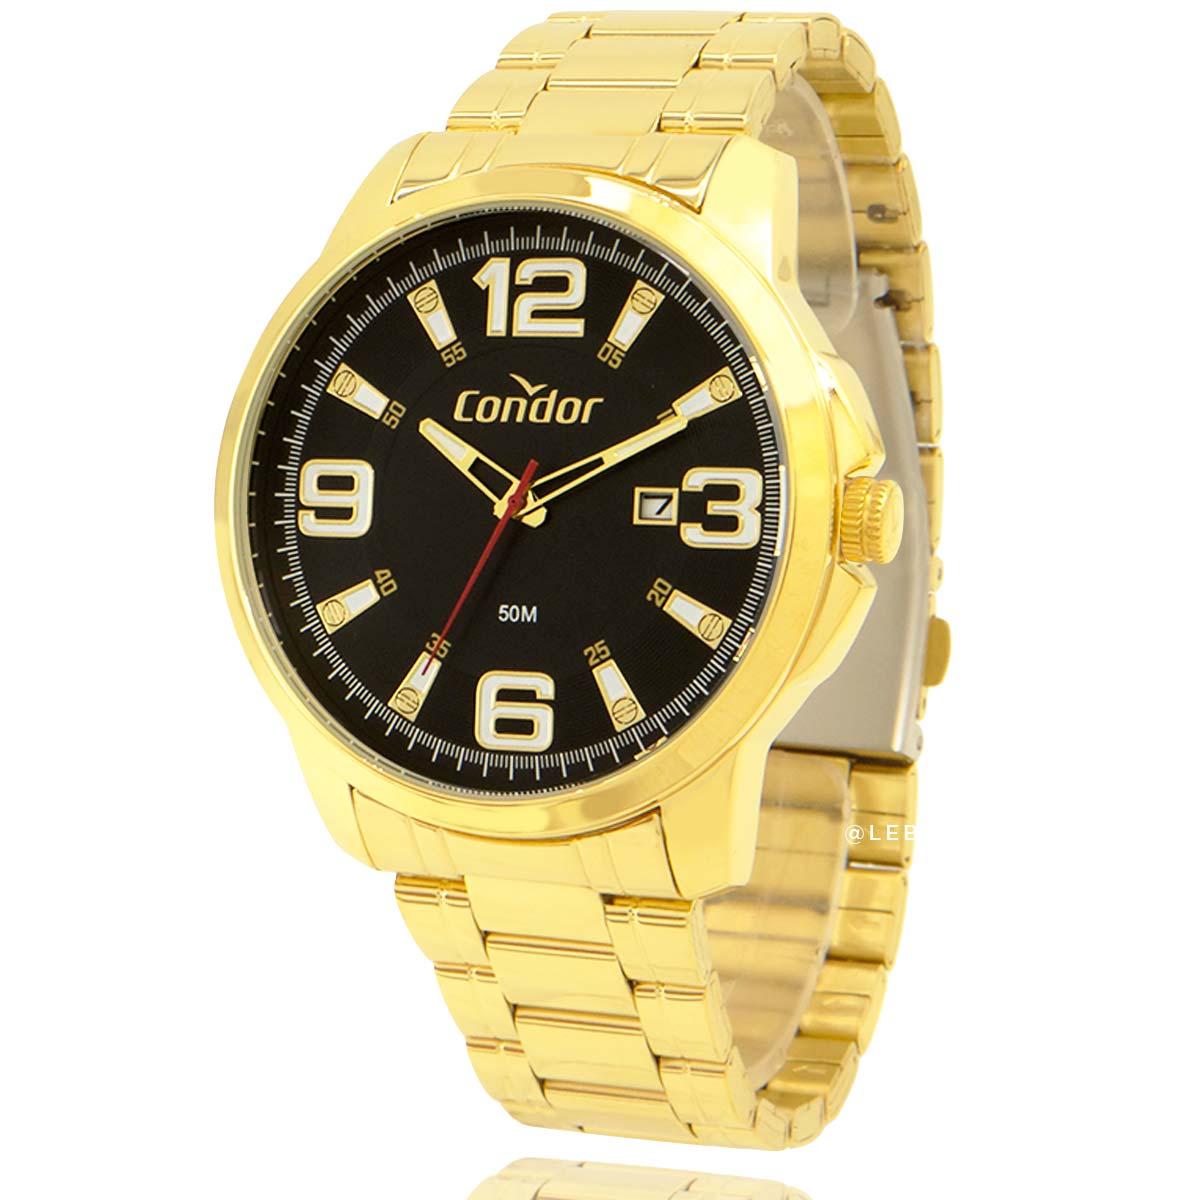 Relógio Condor Masculino Dourado COPC32BY4P com Carteira Lebrave de Brinde